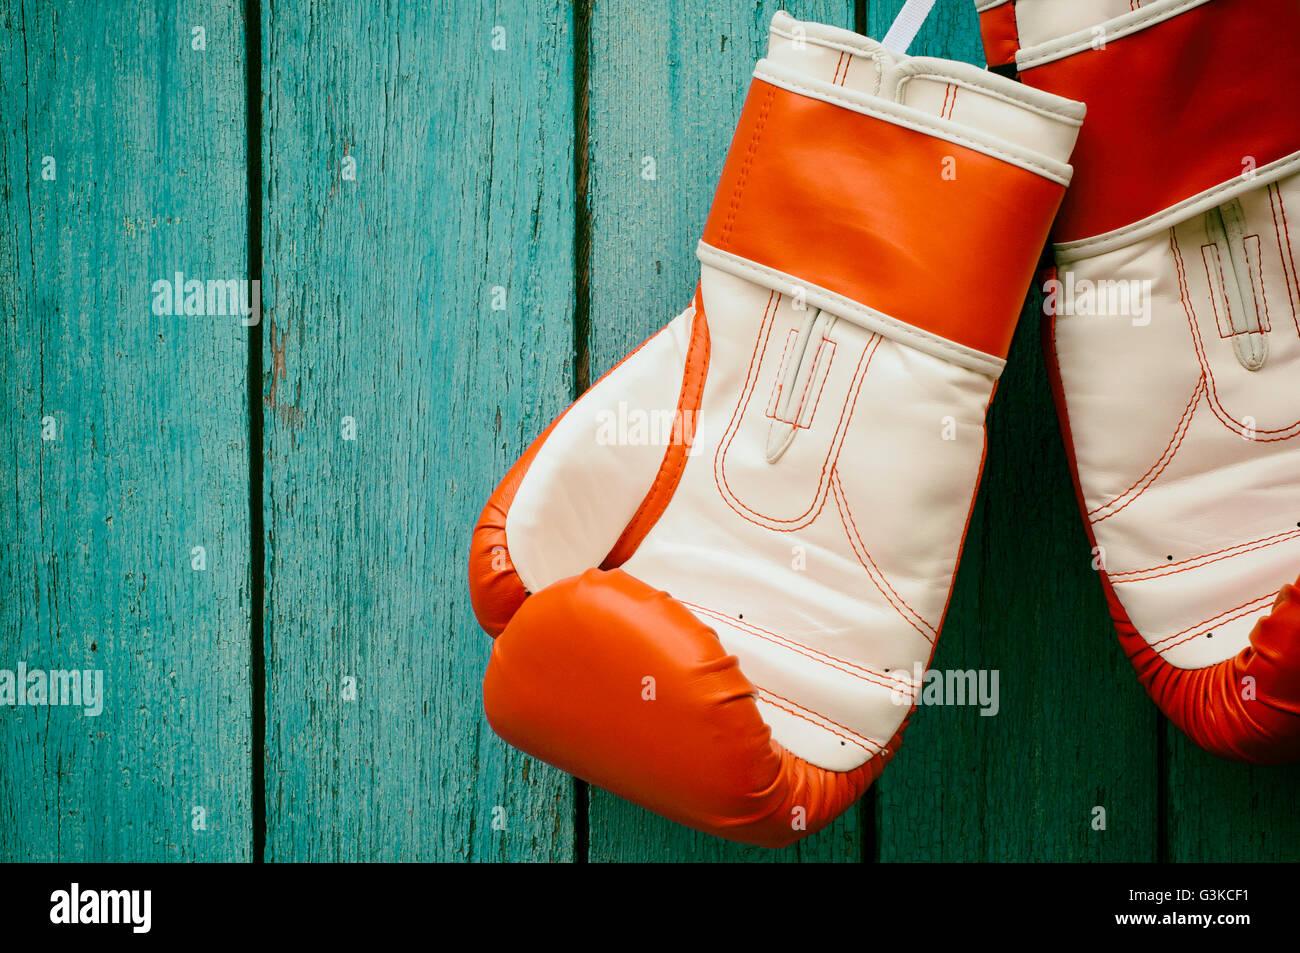 Vintage de fondo de madera con un par de guantes de boxeo, tonificación Imagen De Stock